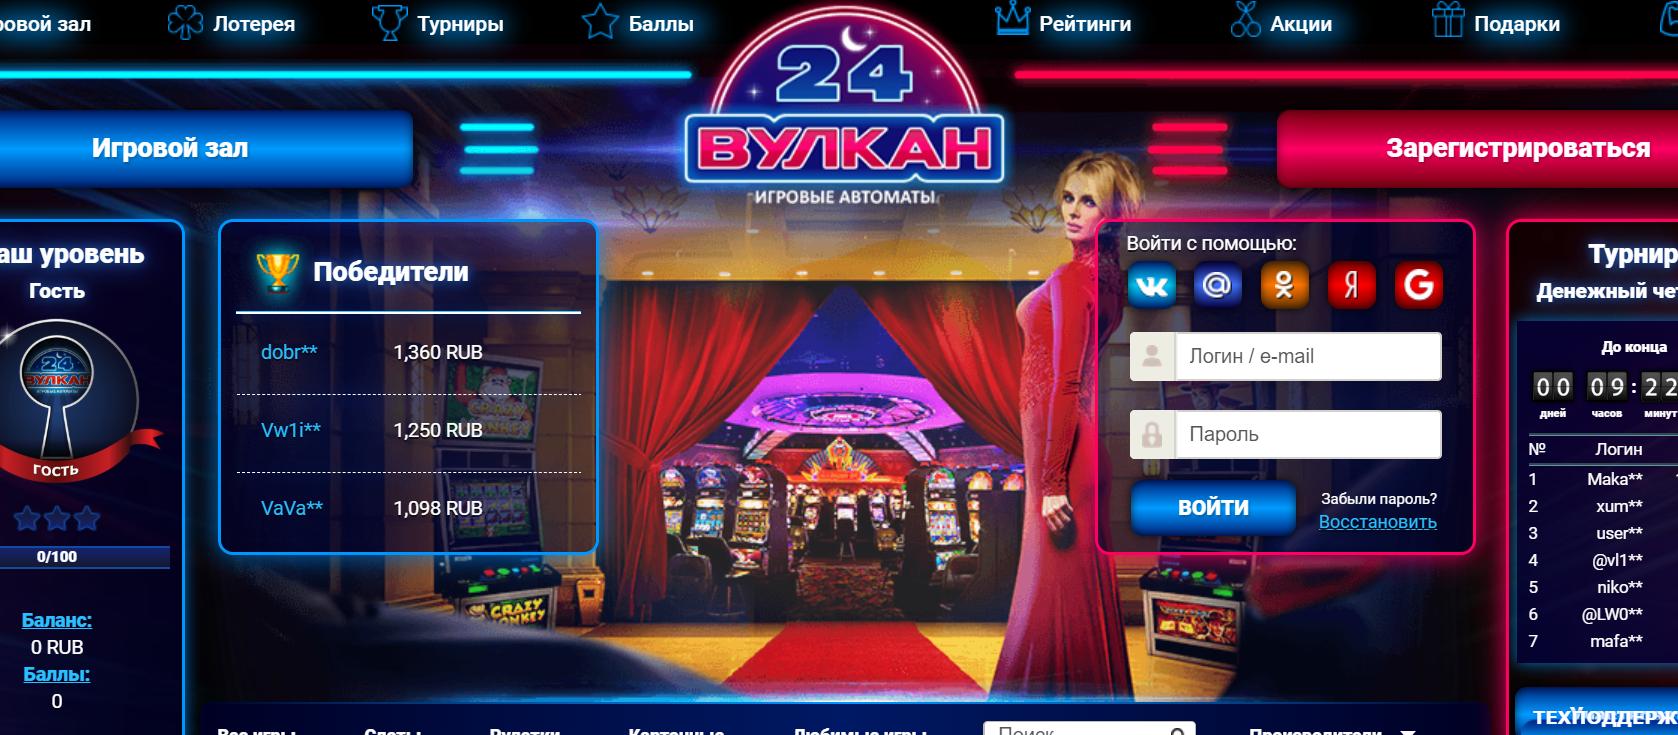 Разнообразный ресурс казино Вулкан 24